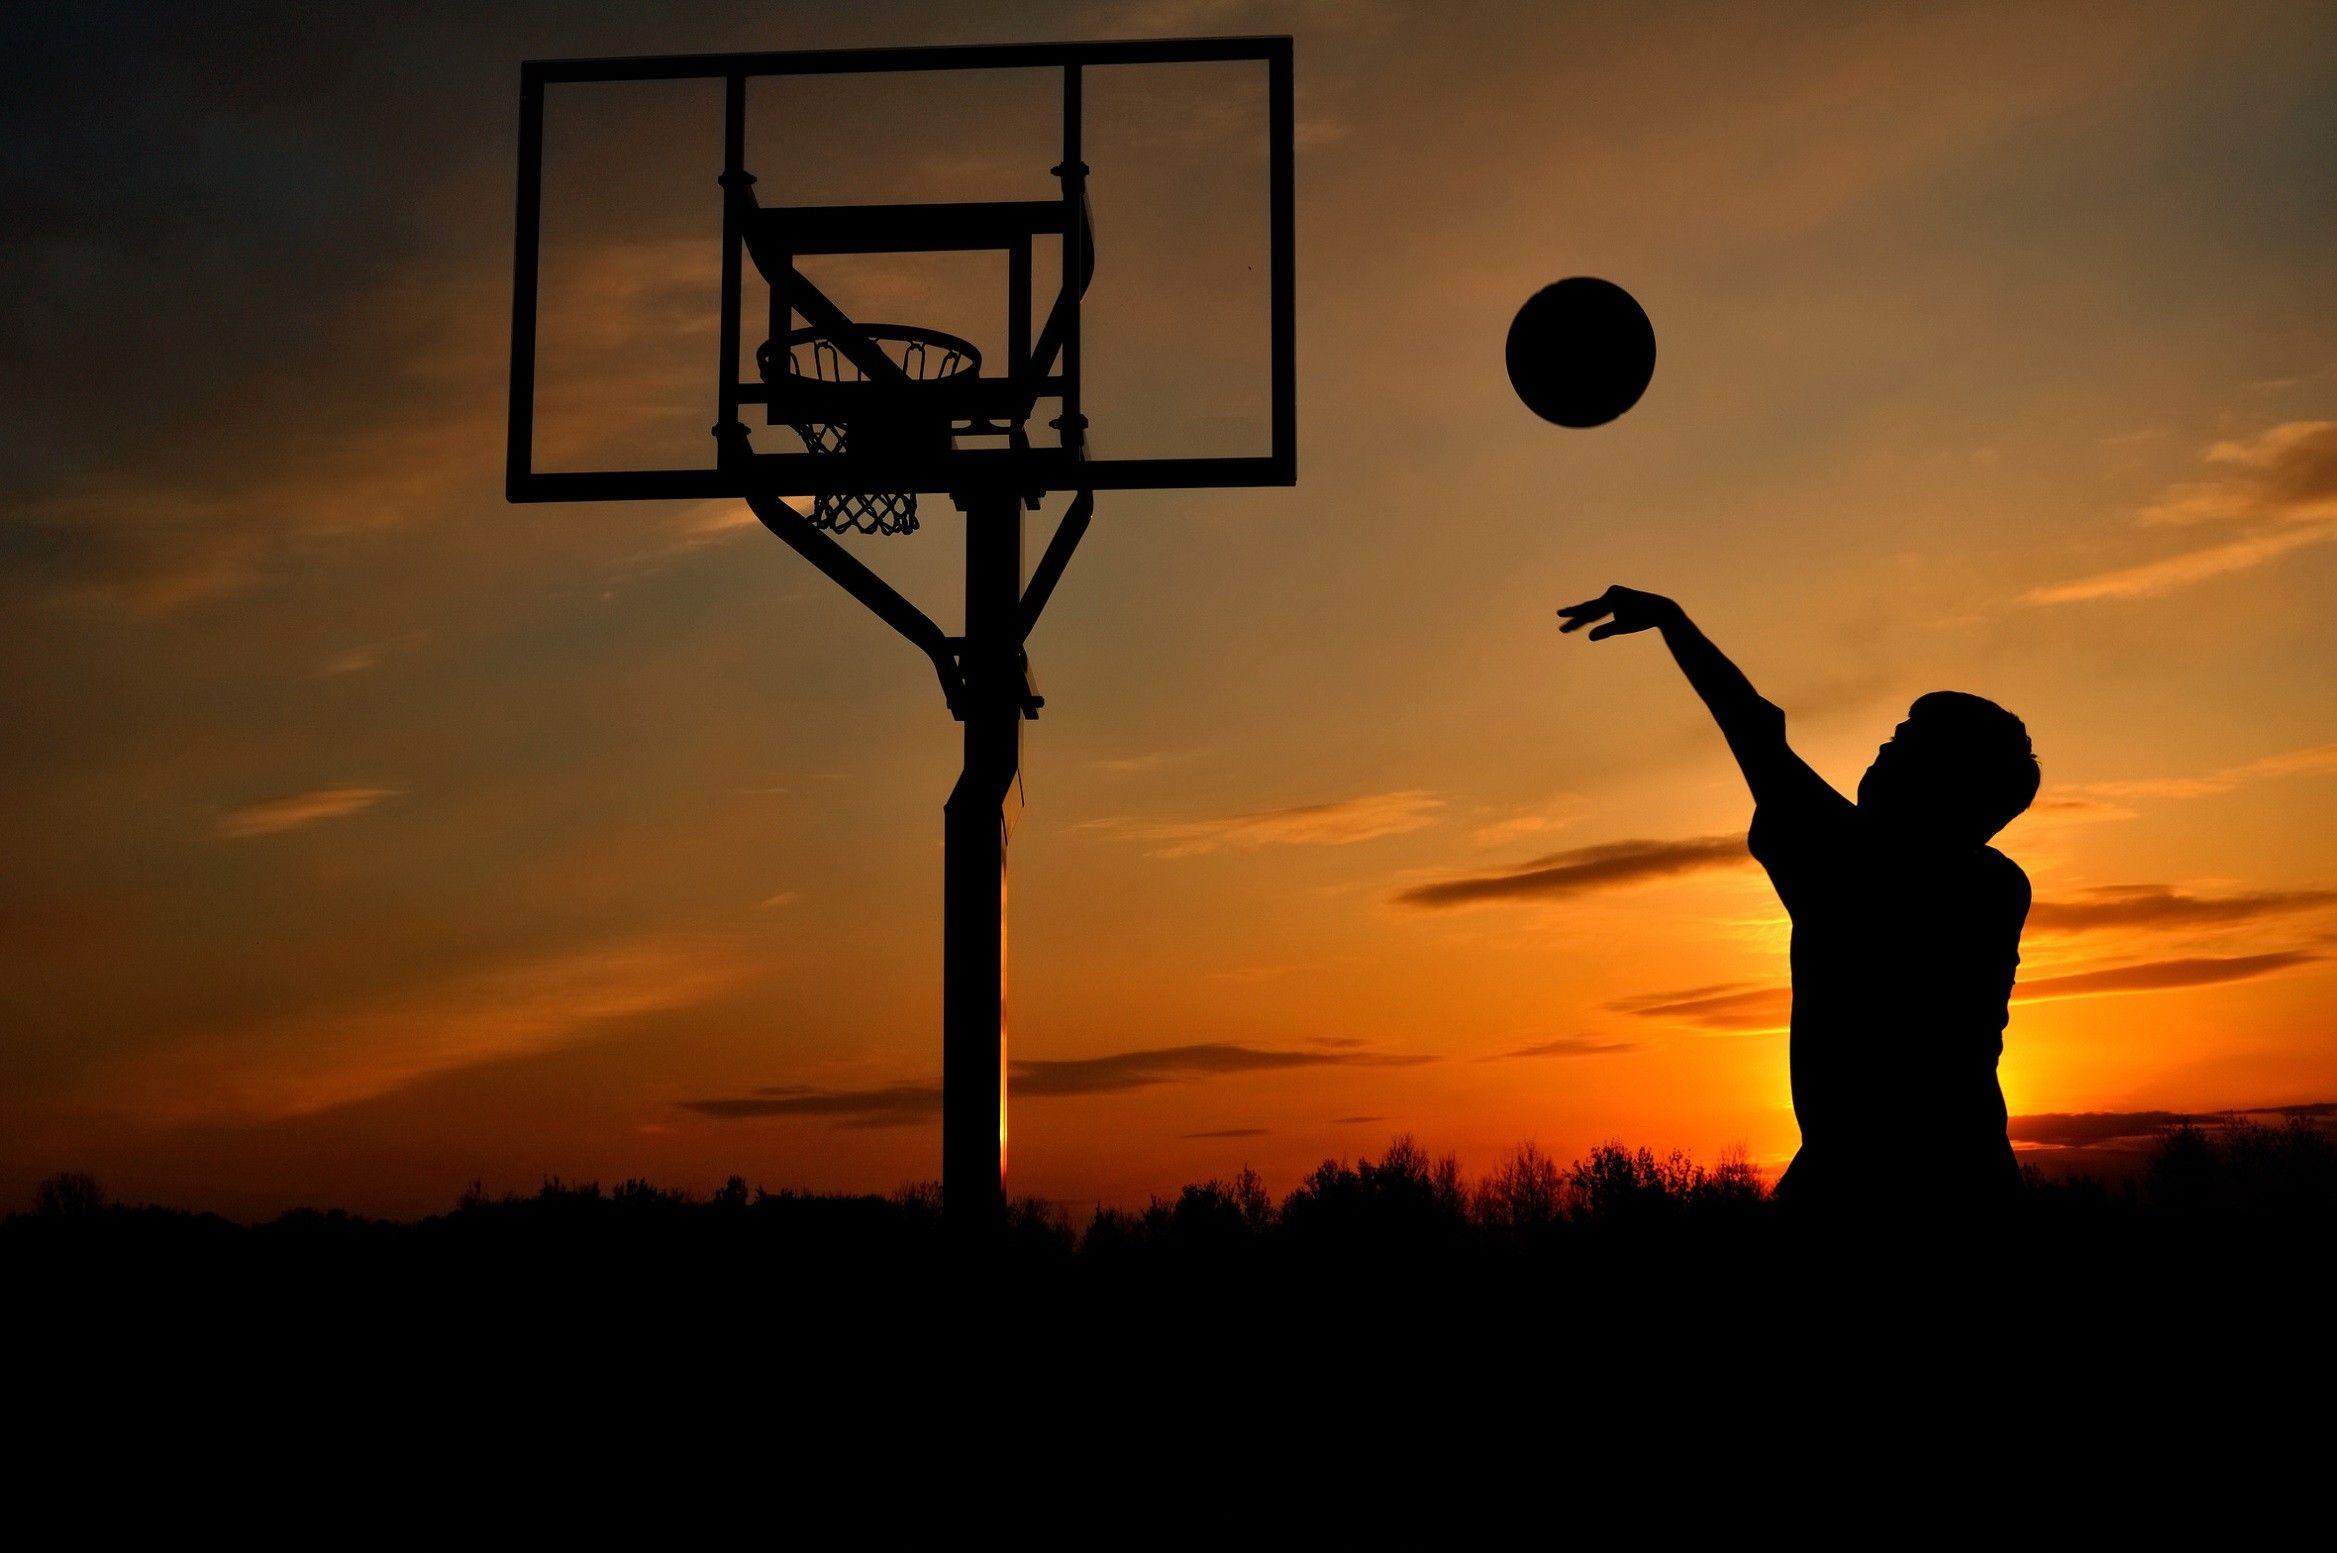 Basketball Wallpaper 14 2337x1553 768x510